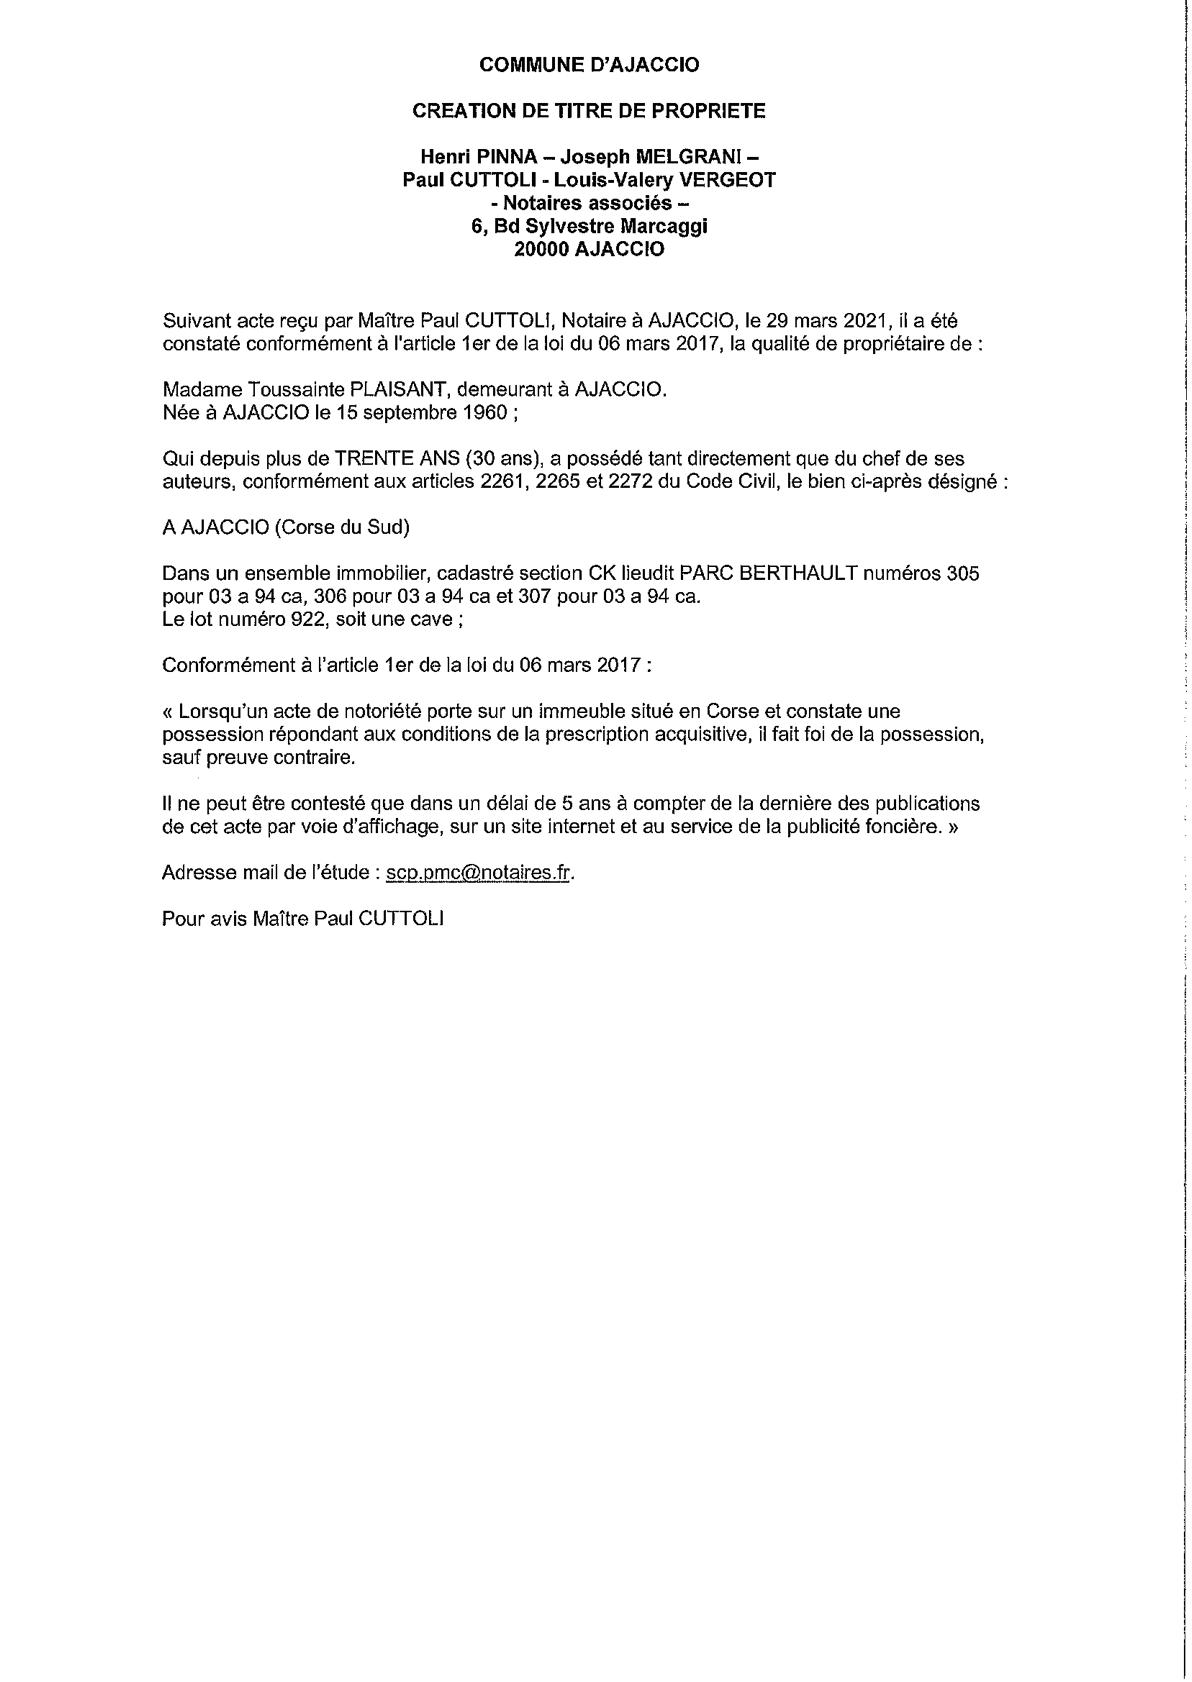 Avis de création de titre de propriété - Commune d'Ajaccio (Corse-du-Sud)